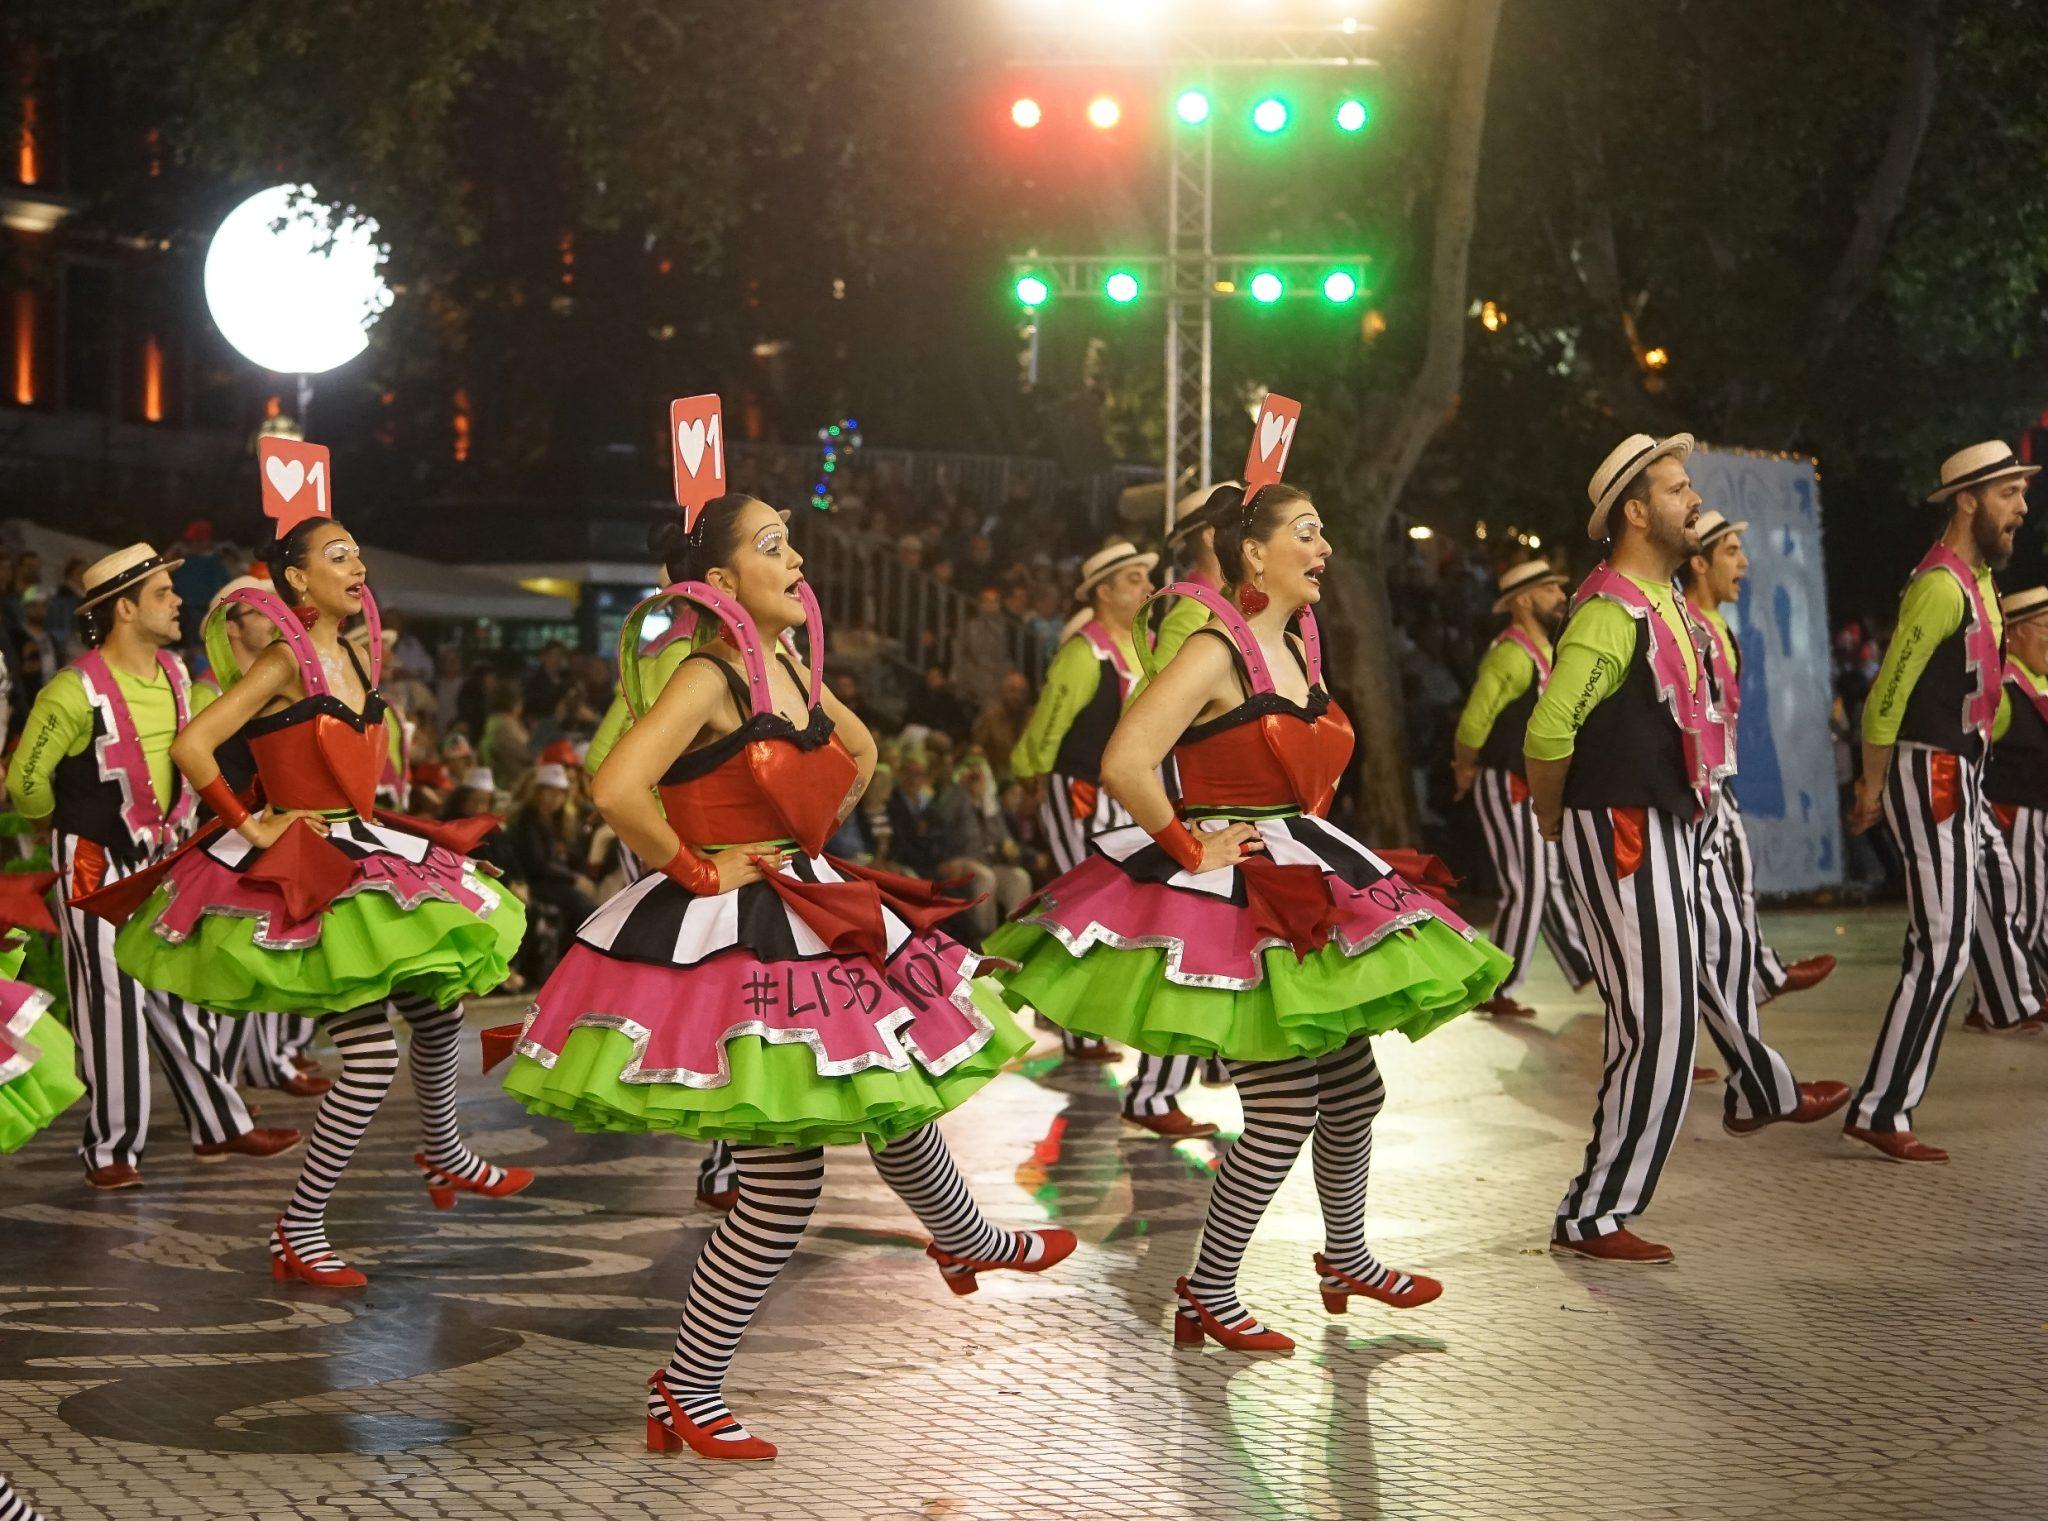 De lado para o observador, um grupo de marchantes (homens e mulheres) dança com uma perna no ar. As mulheres têm saias verde e rosa e as mãos na cintura. Os homens têm calças às riscas verticais pretas e brancas e as mãos atrás das costas.